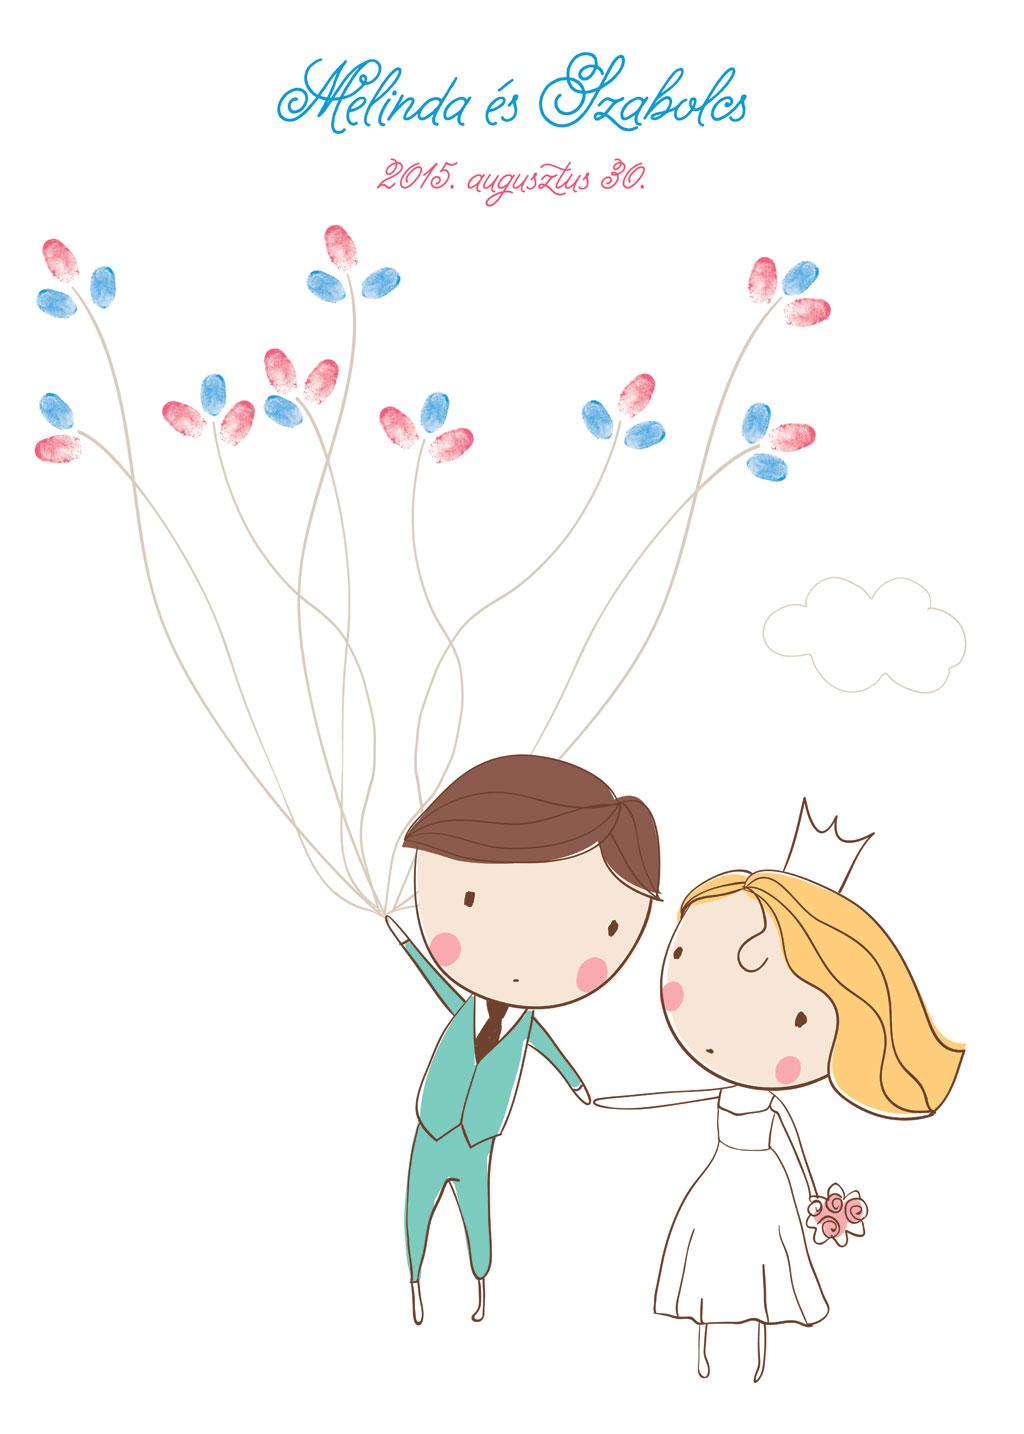 WeddingTree_012_Lufis-03.indd